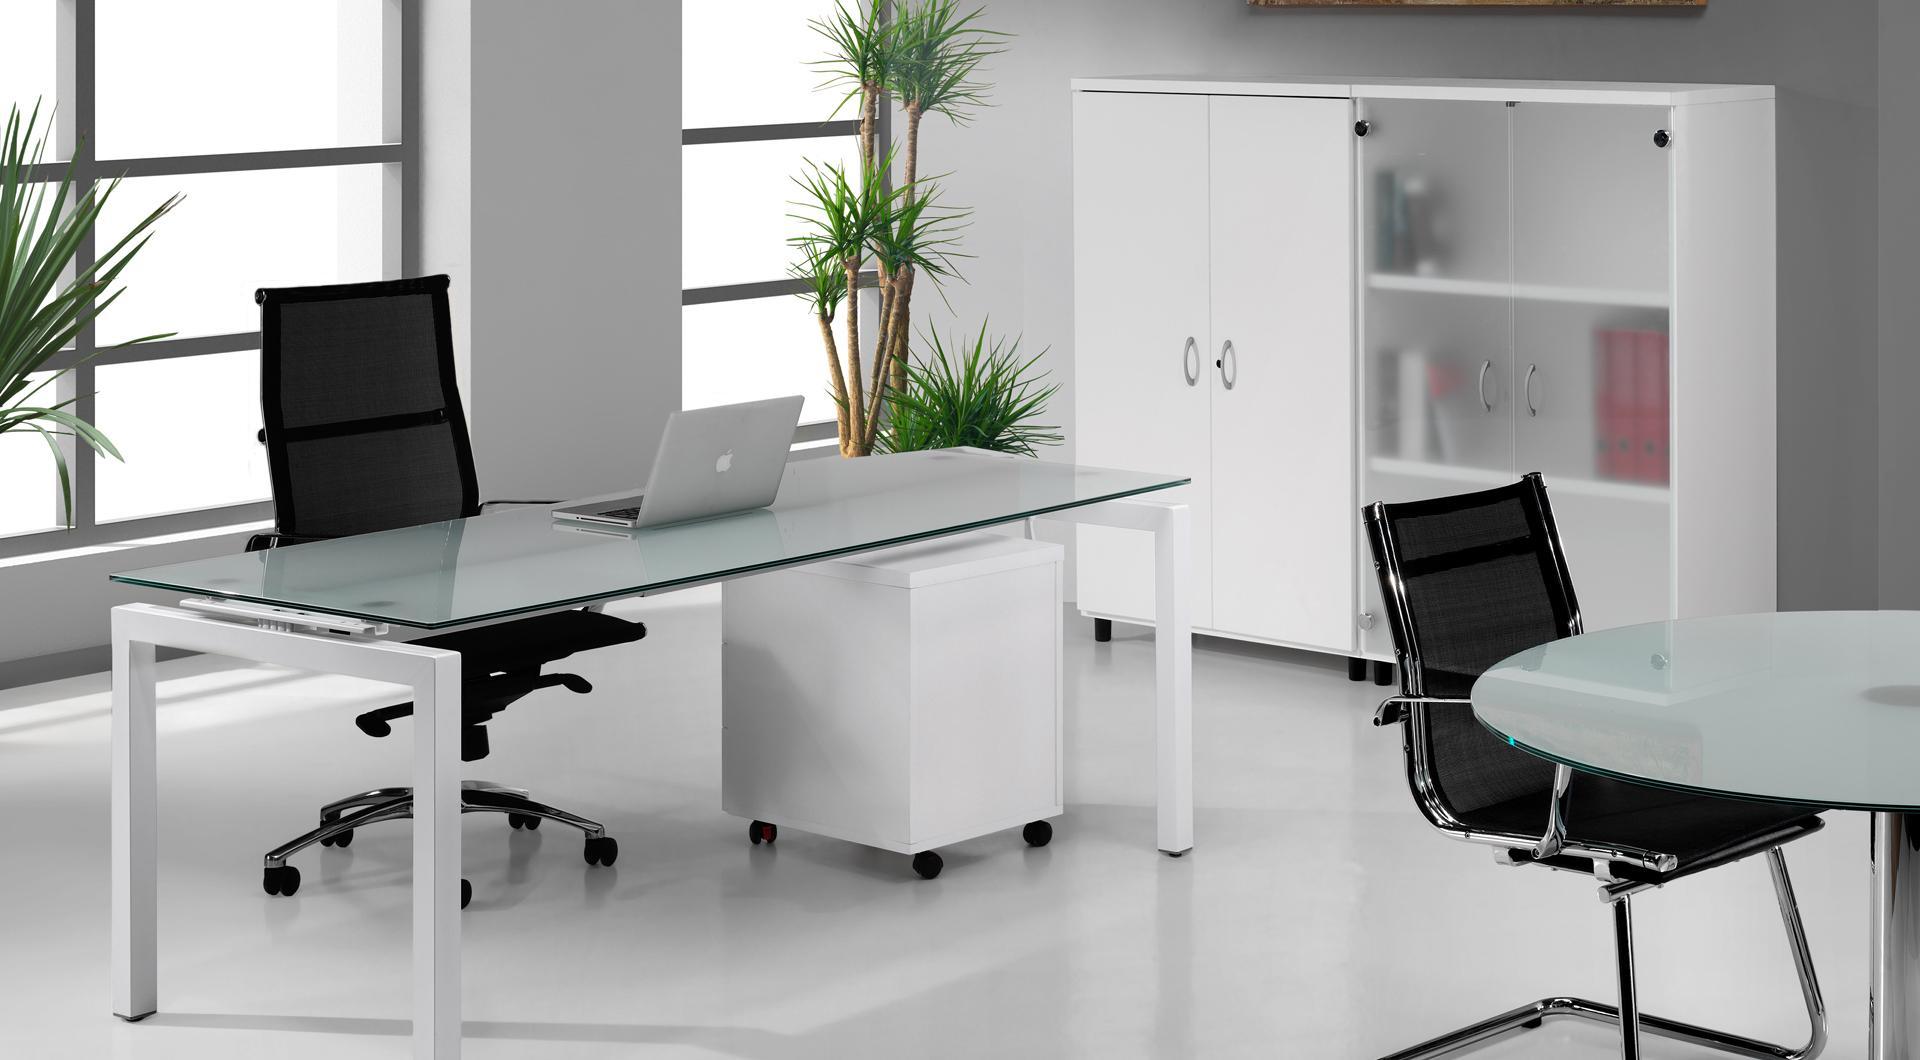 Mobiliario de oficina online awesome mobicol venta mobiliario online taquillas mesas sillas - Mobiliario on line ...